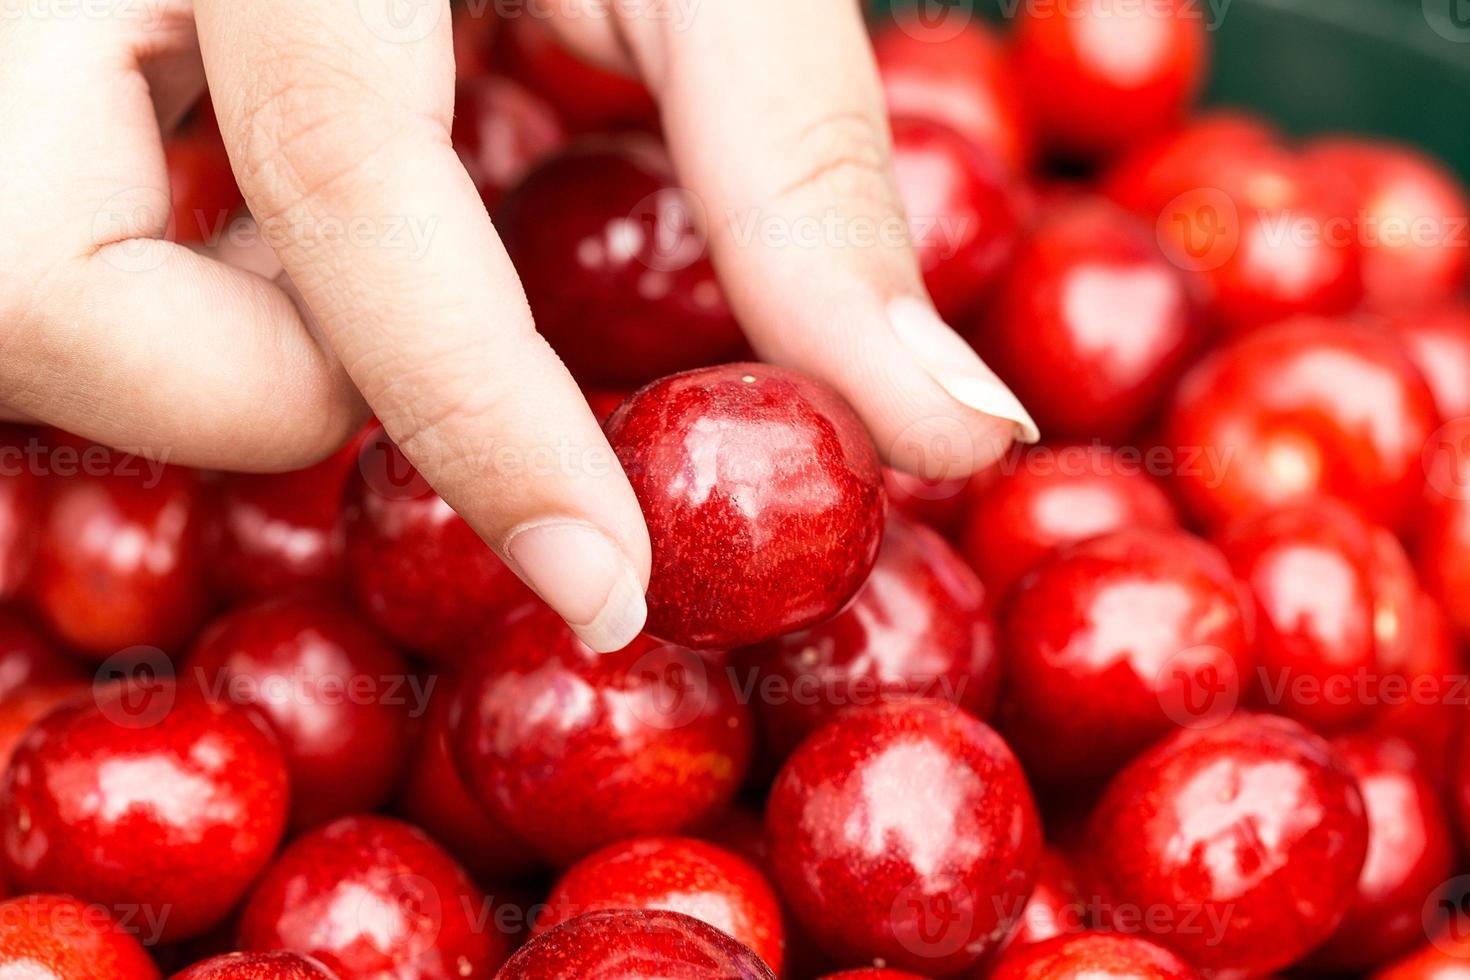 frische köstliche Kirsche in der Frauenhand, Nahaufnahme foto